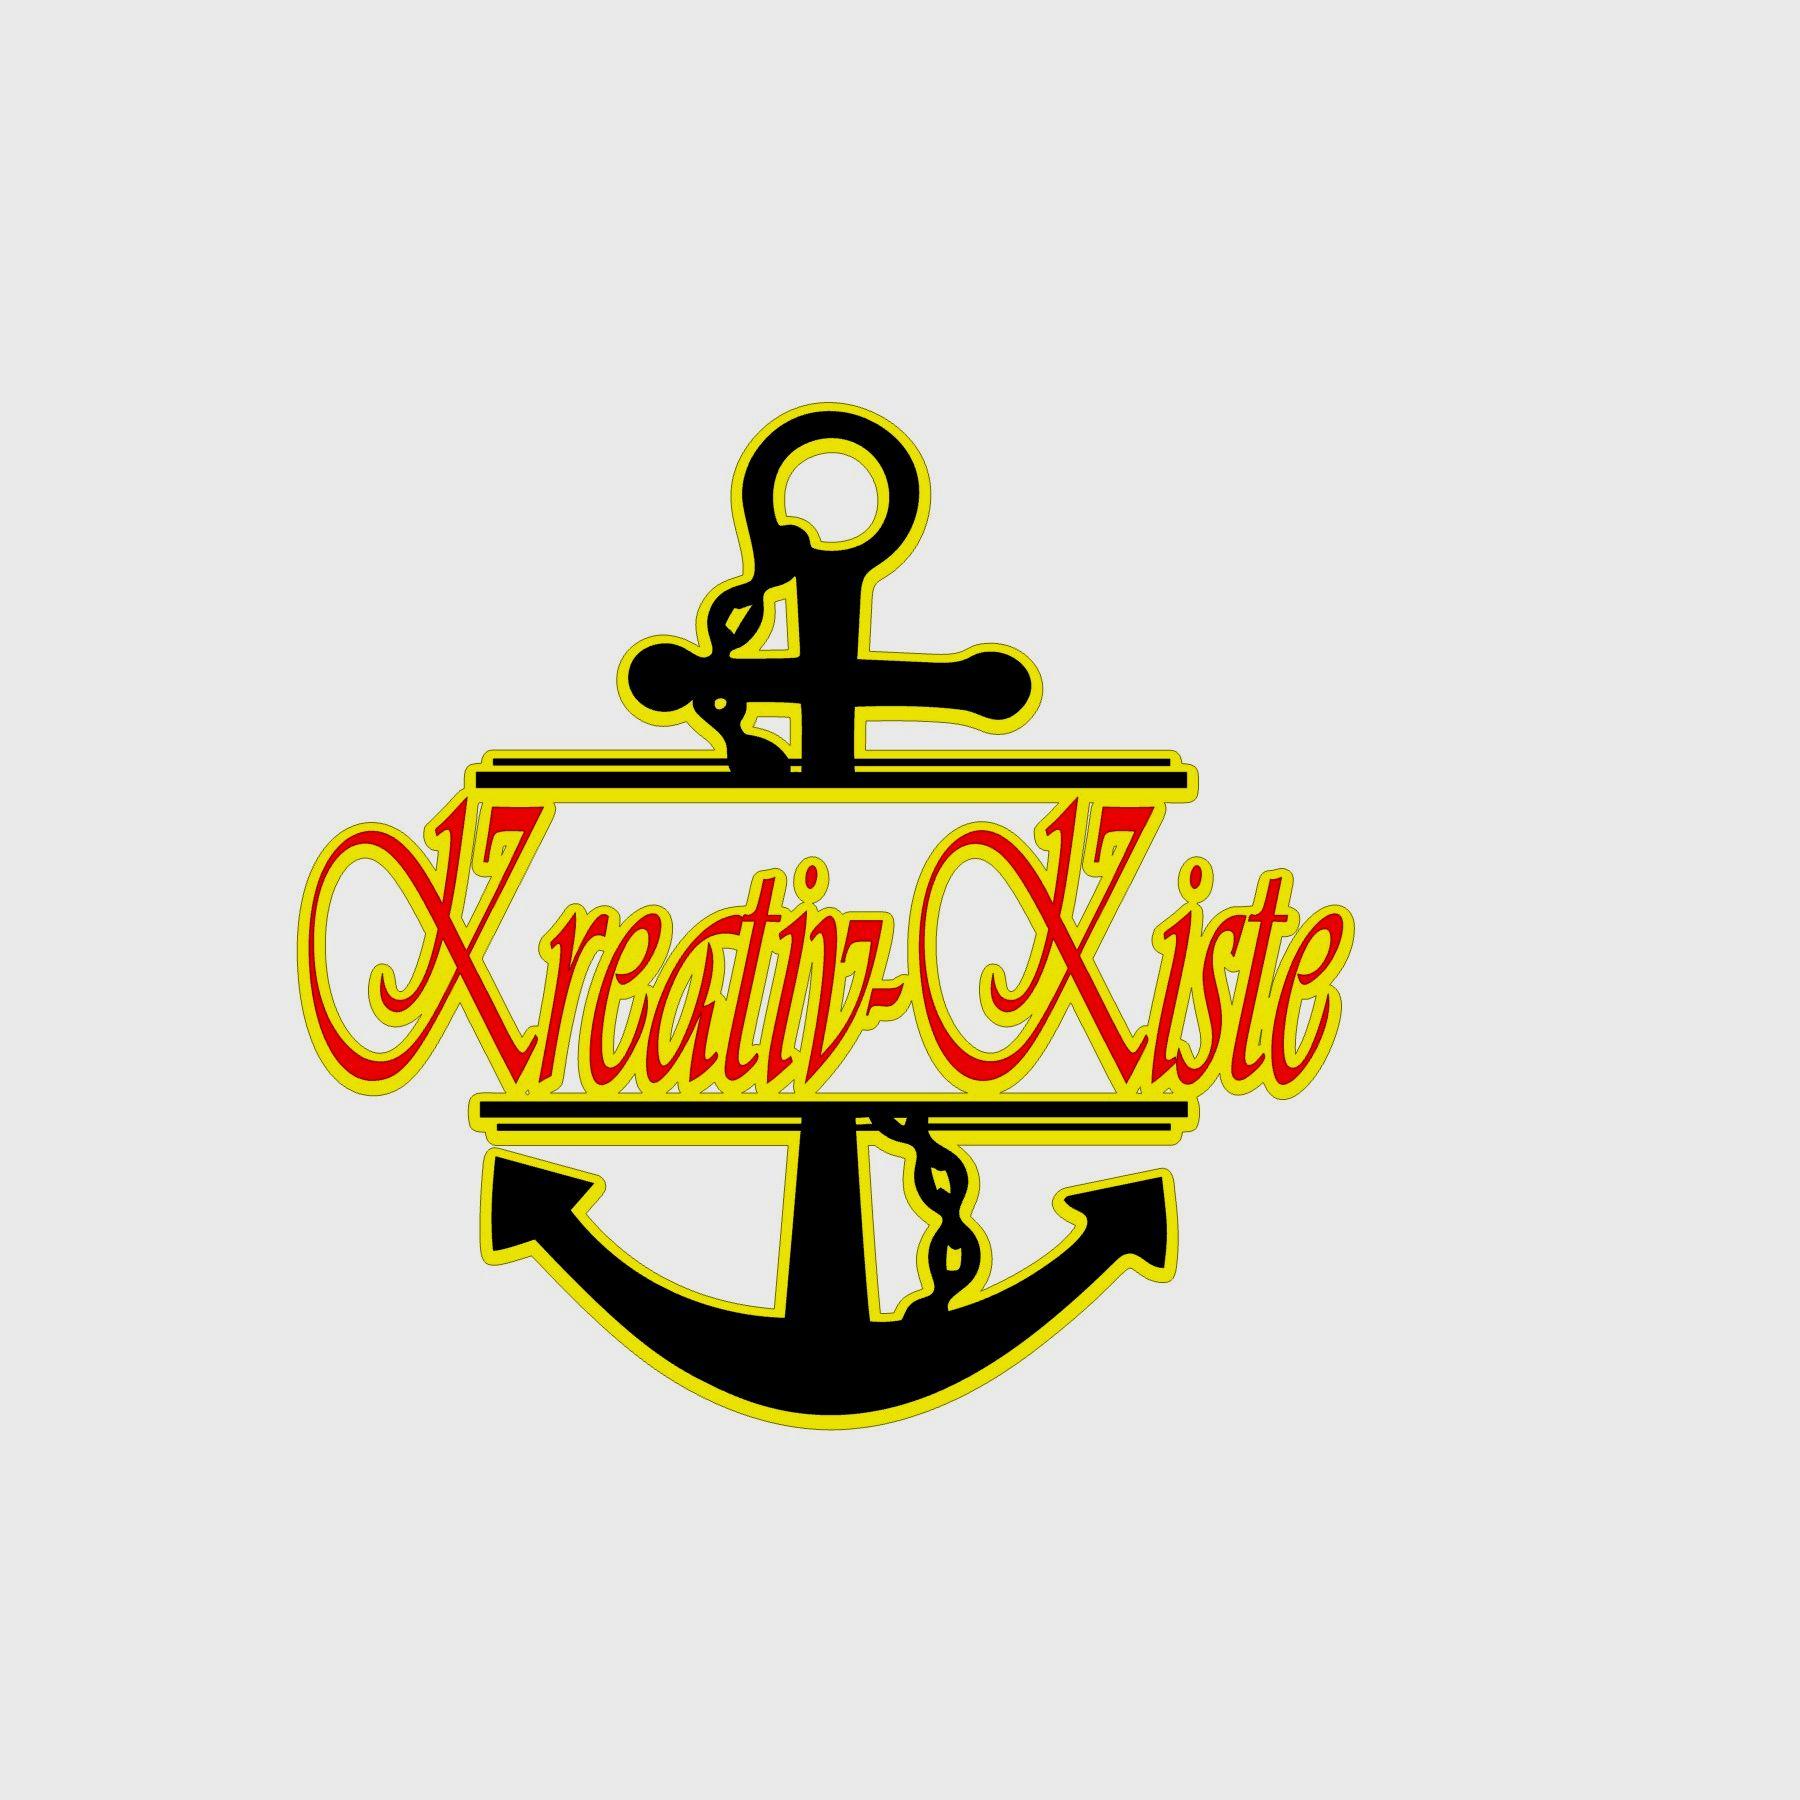 Kreativkiste